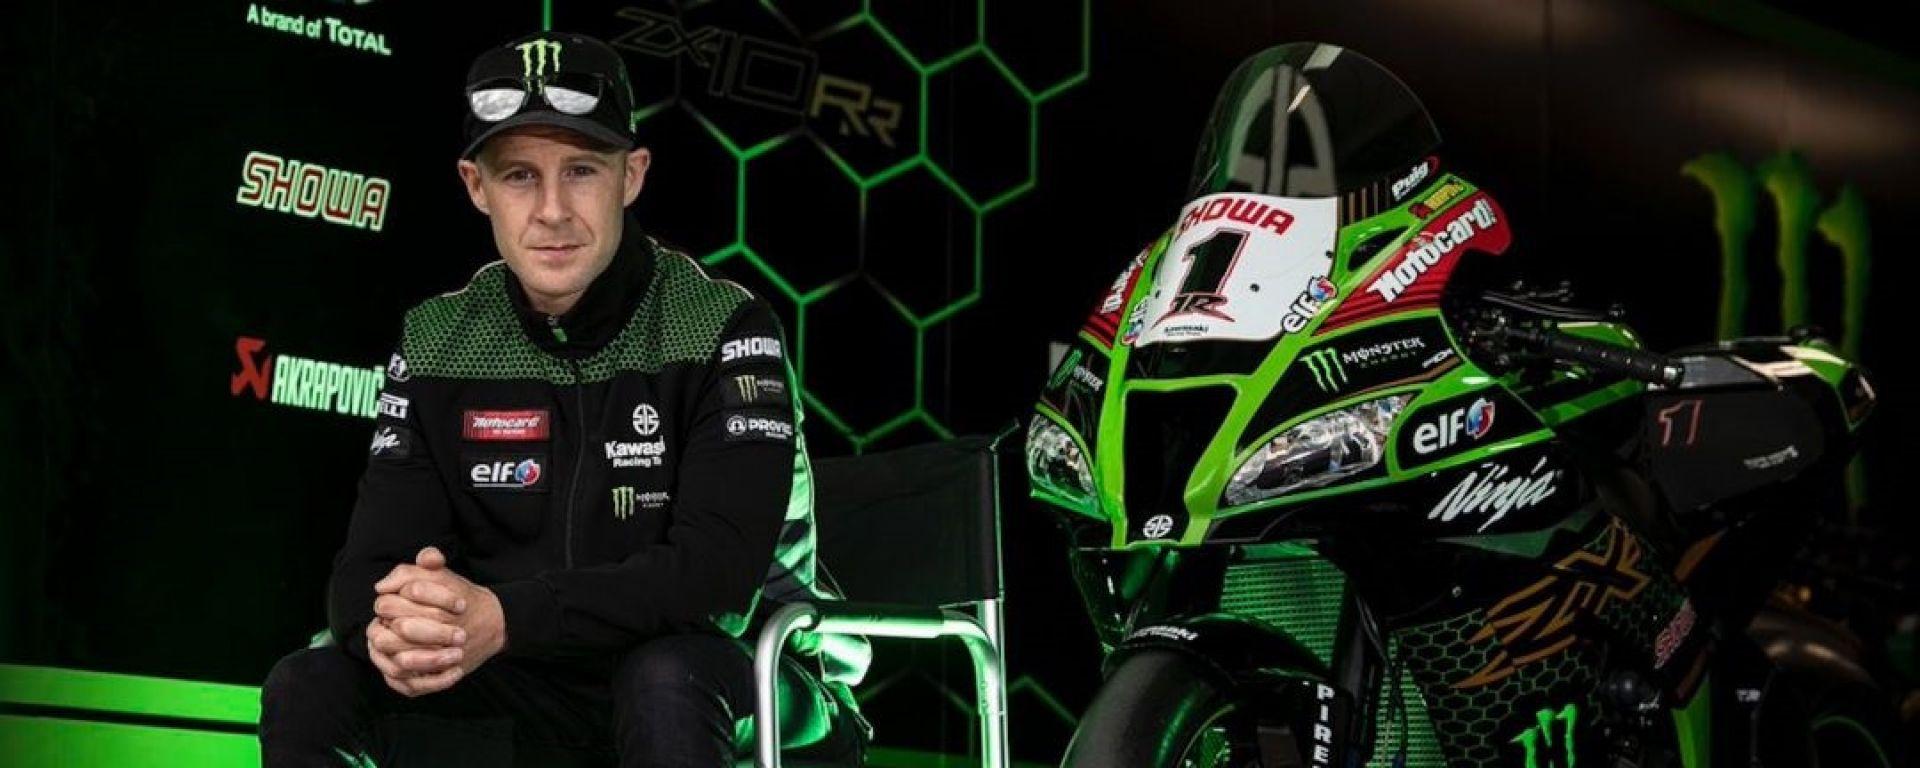 Jonathan Rea, cinque volte campione del mondo Superbike con la Kawasaki